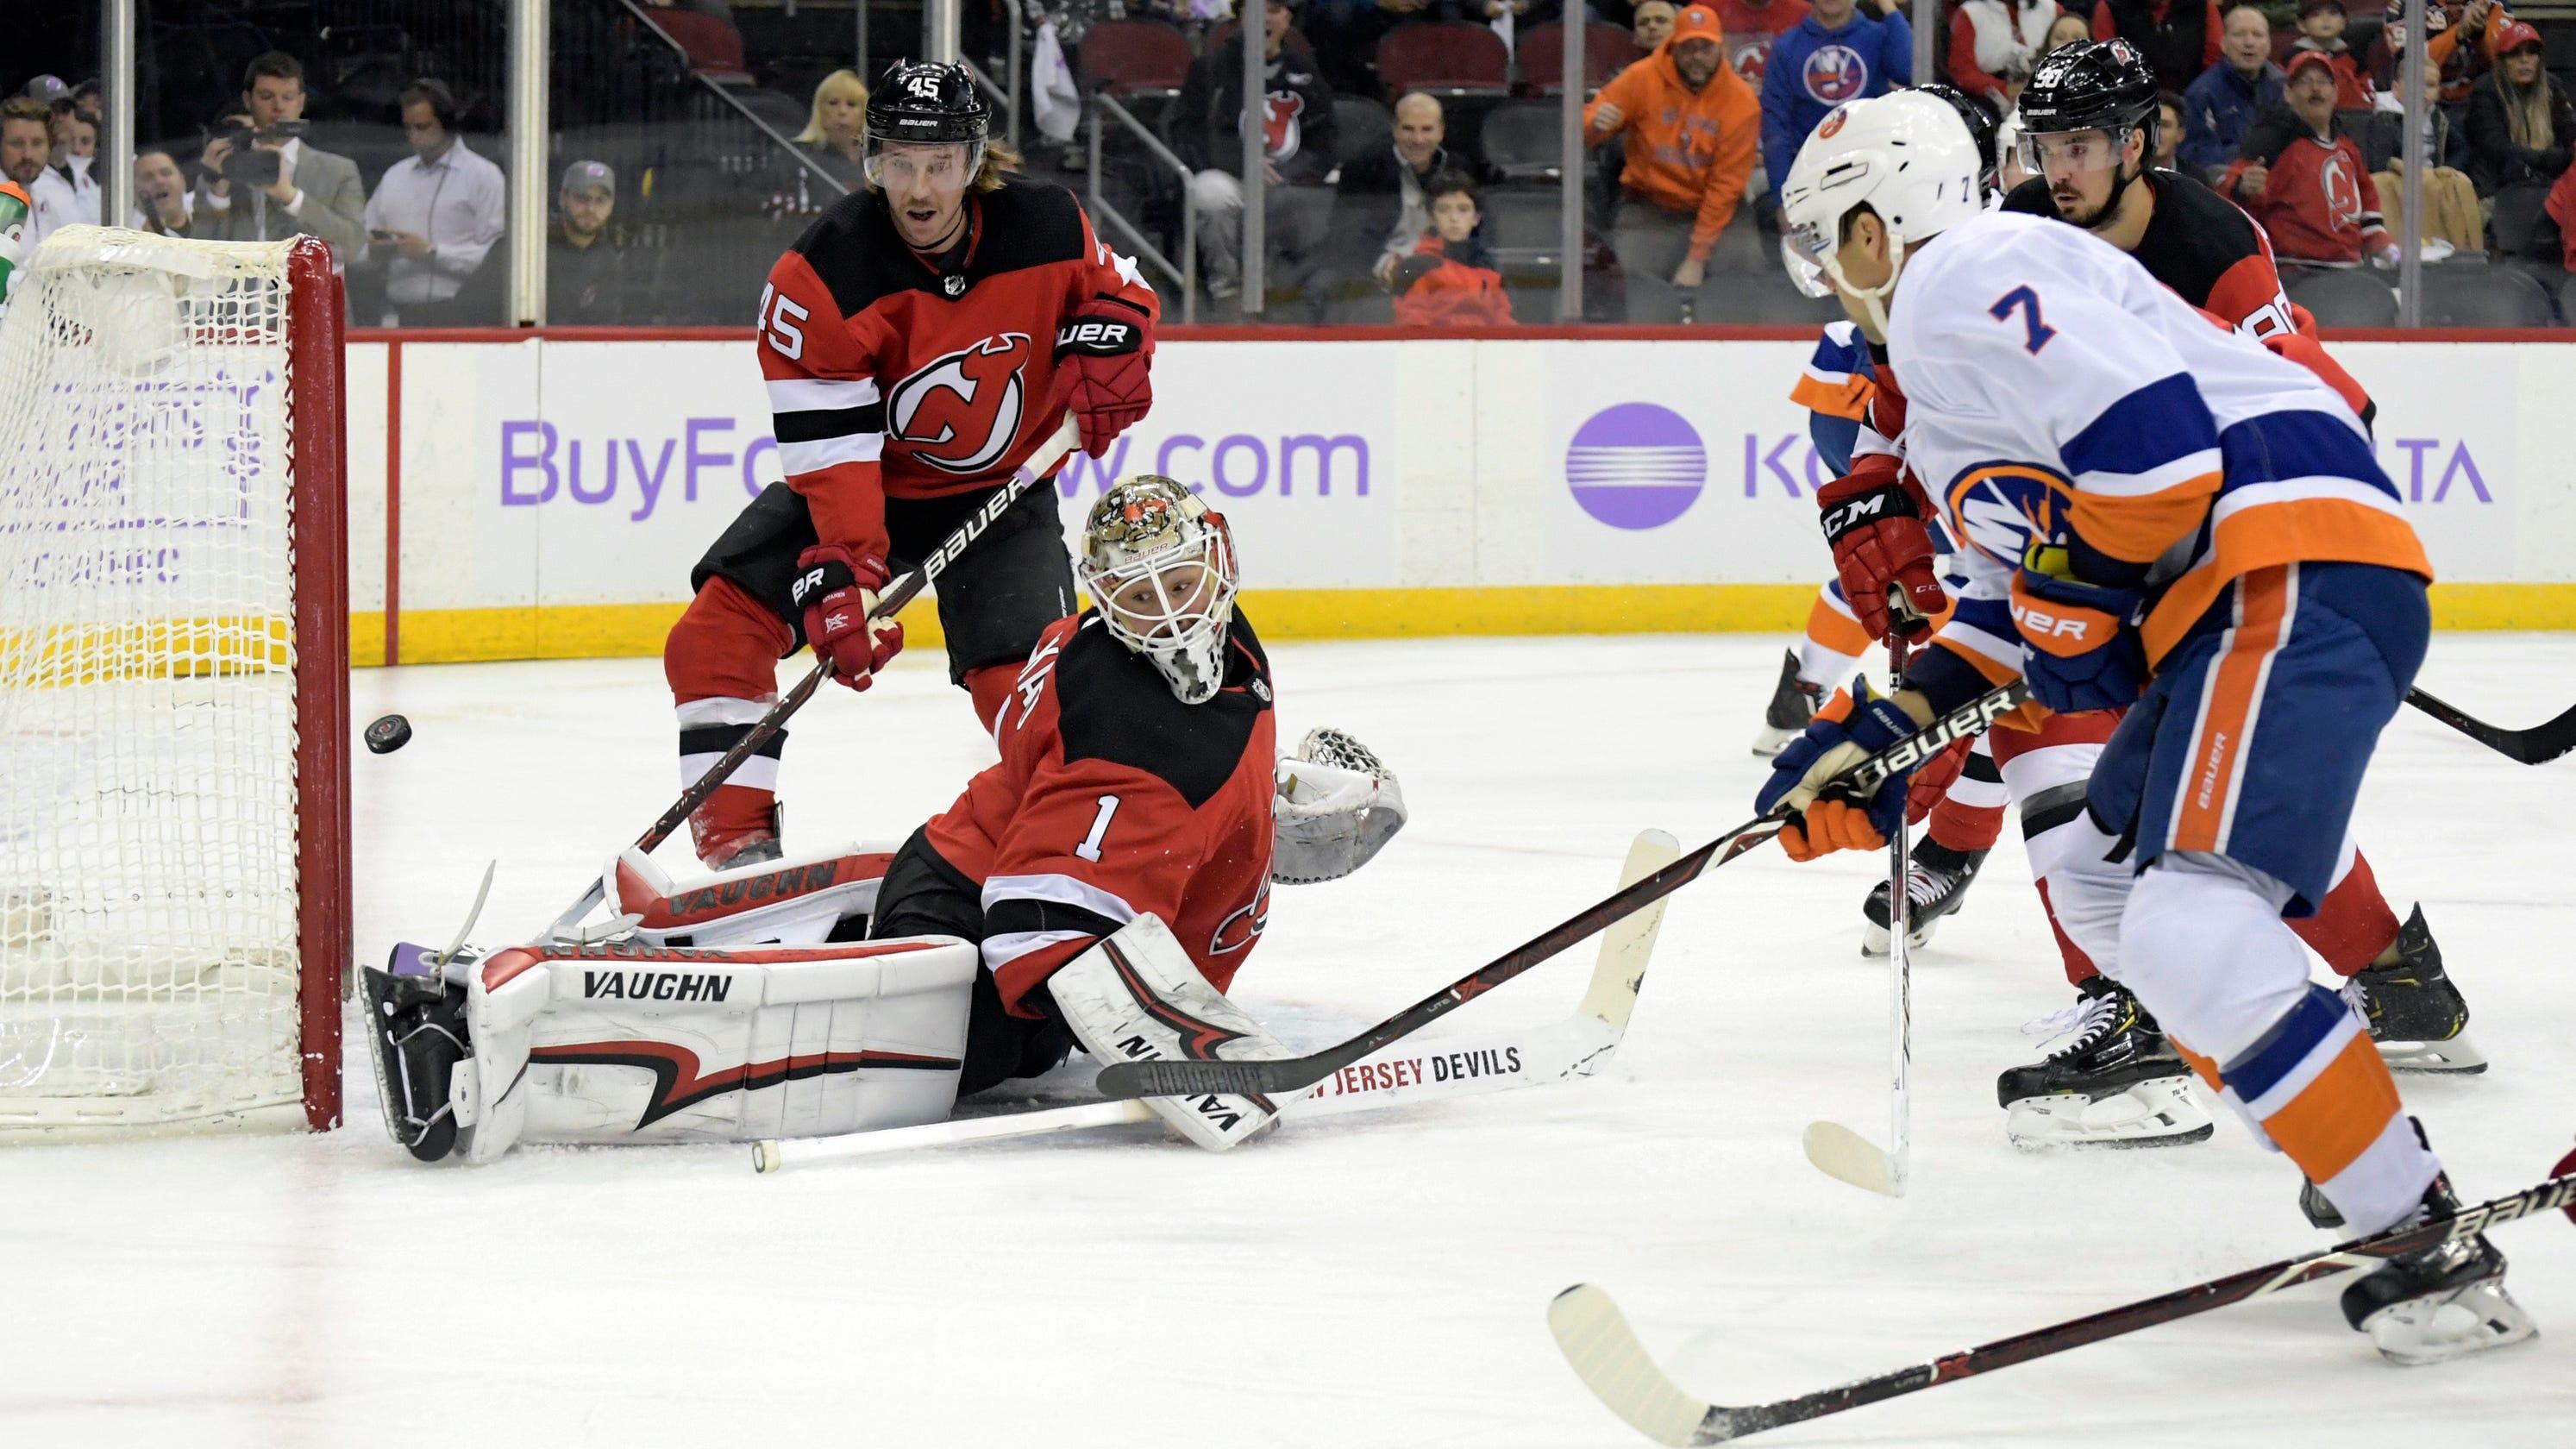 ca61e121226 Marcus Johansson helps Devils earn point in 4-3 OT loss to Islanders